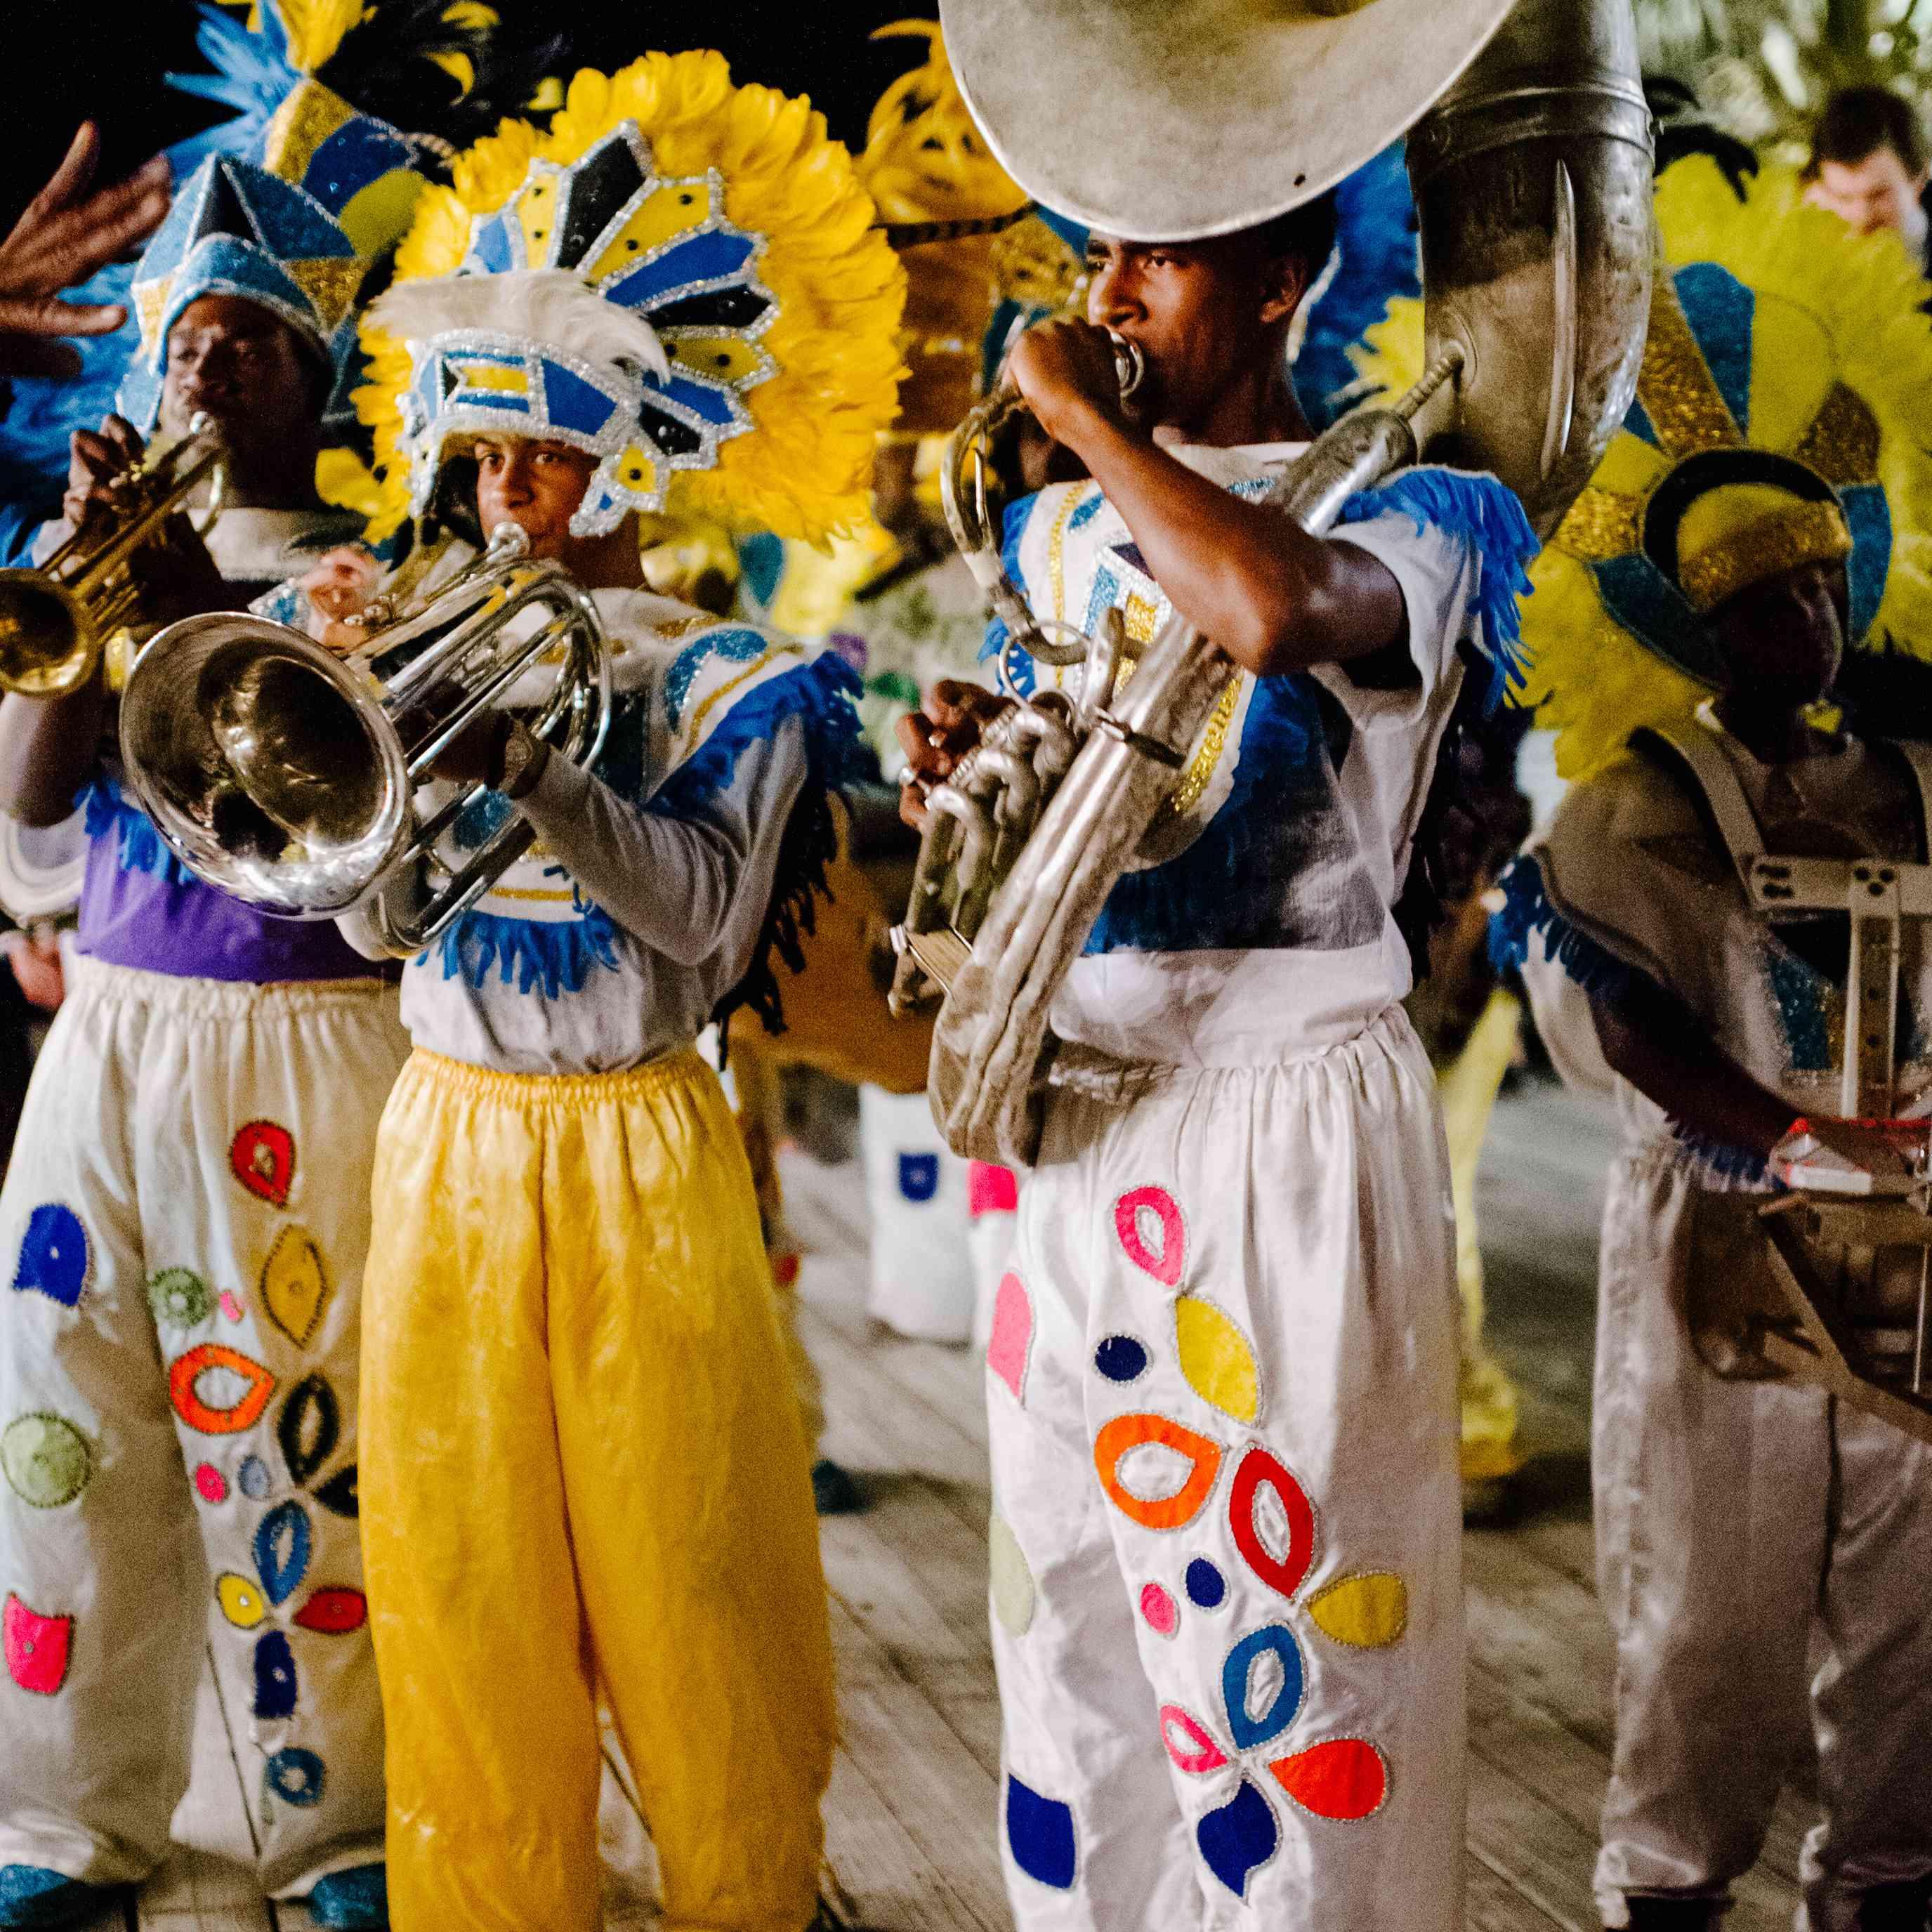 Bahamian band